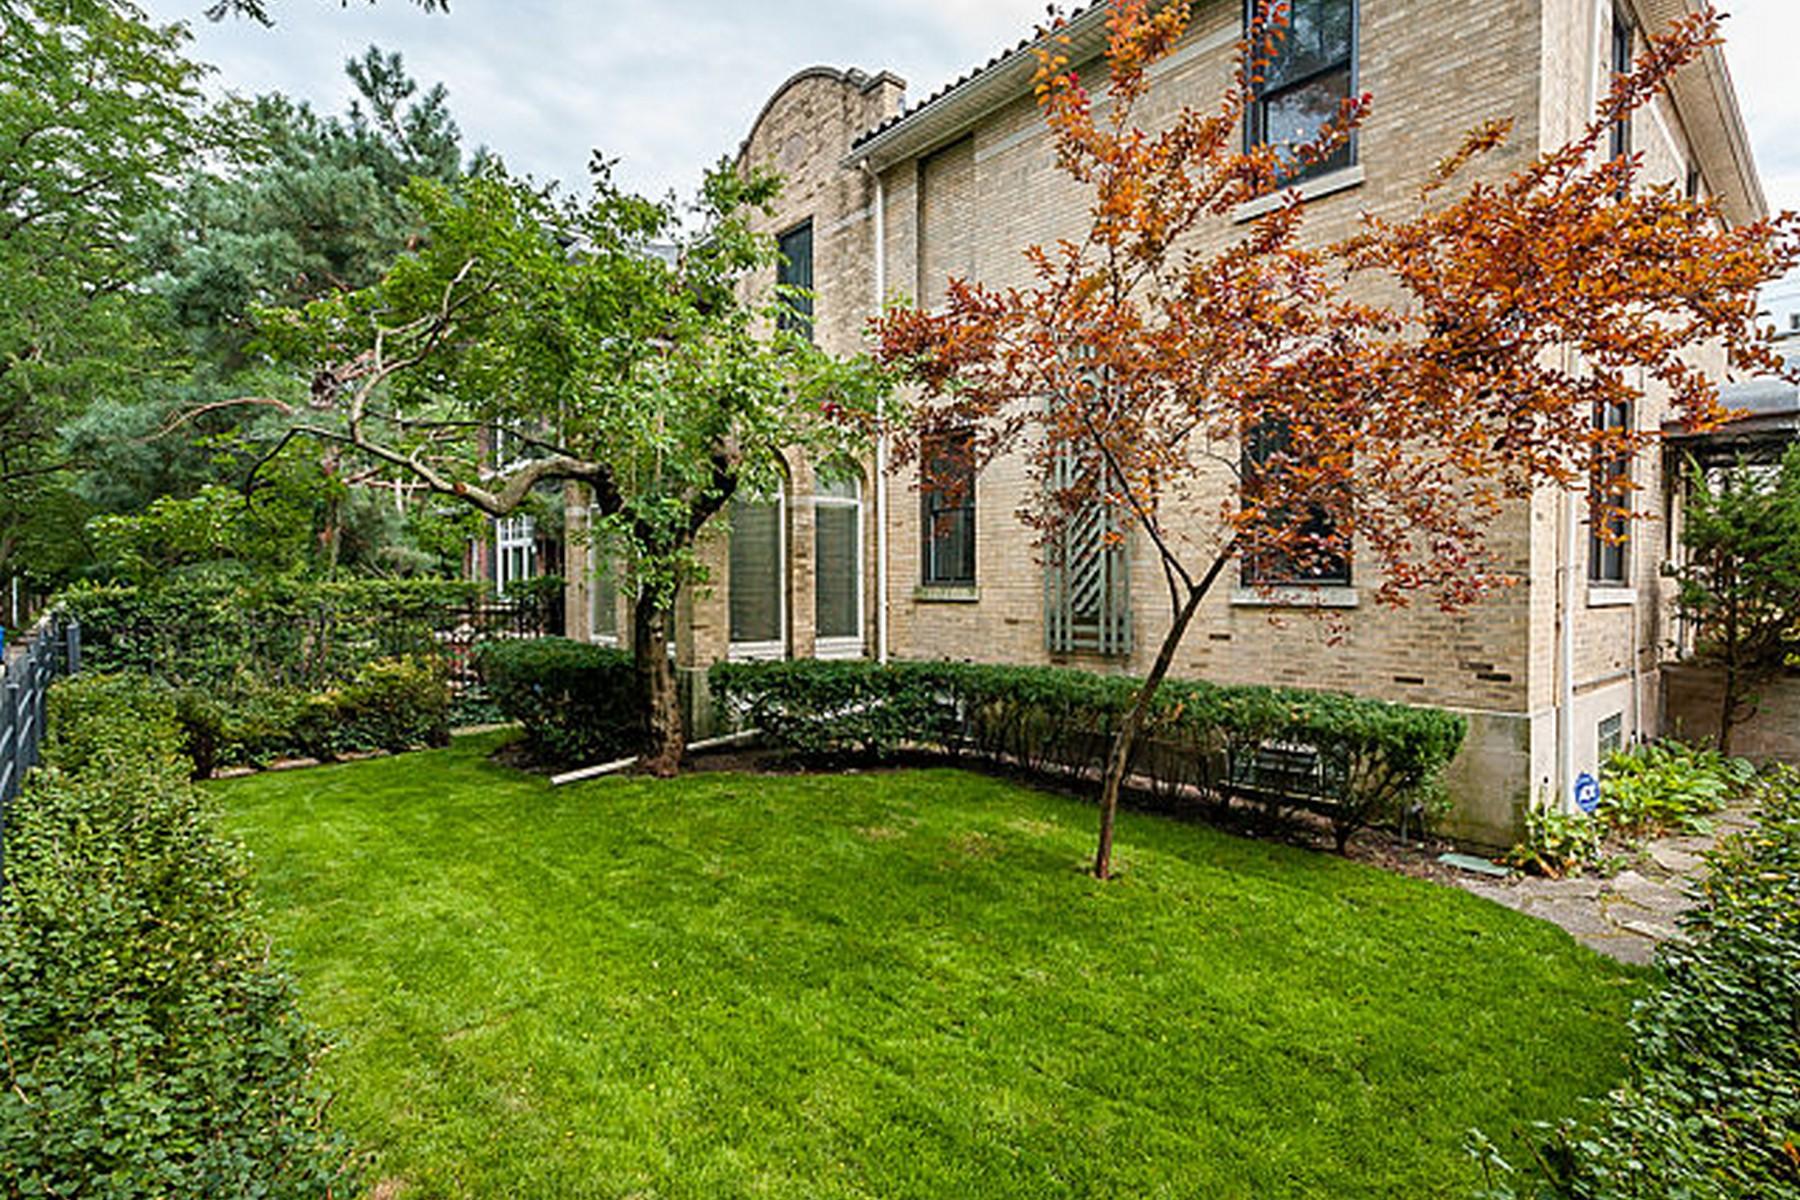 Maison unifamiliale pour l Vente à Historic Bright and Beautiful Home 843 W Castlewood Terrace Uptown, Chicago, Illinois, 60640 États-Unis